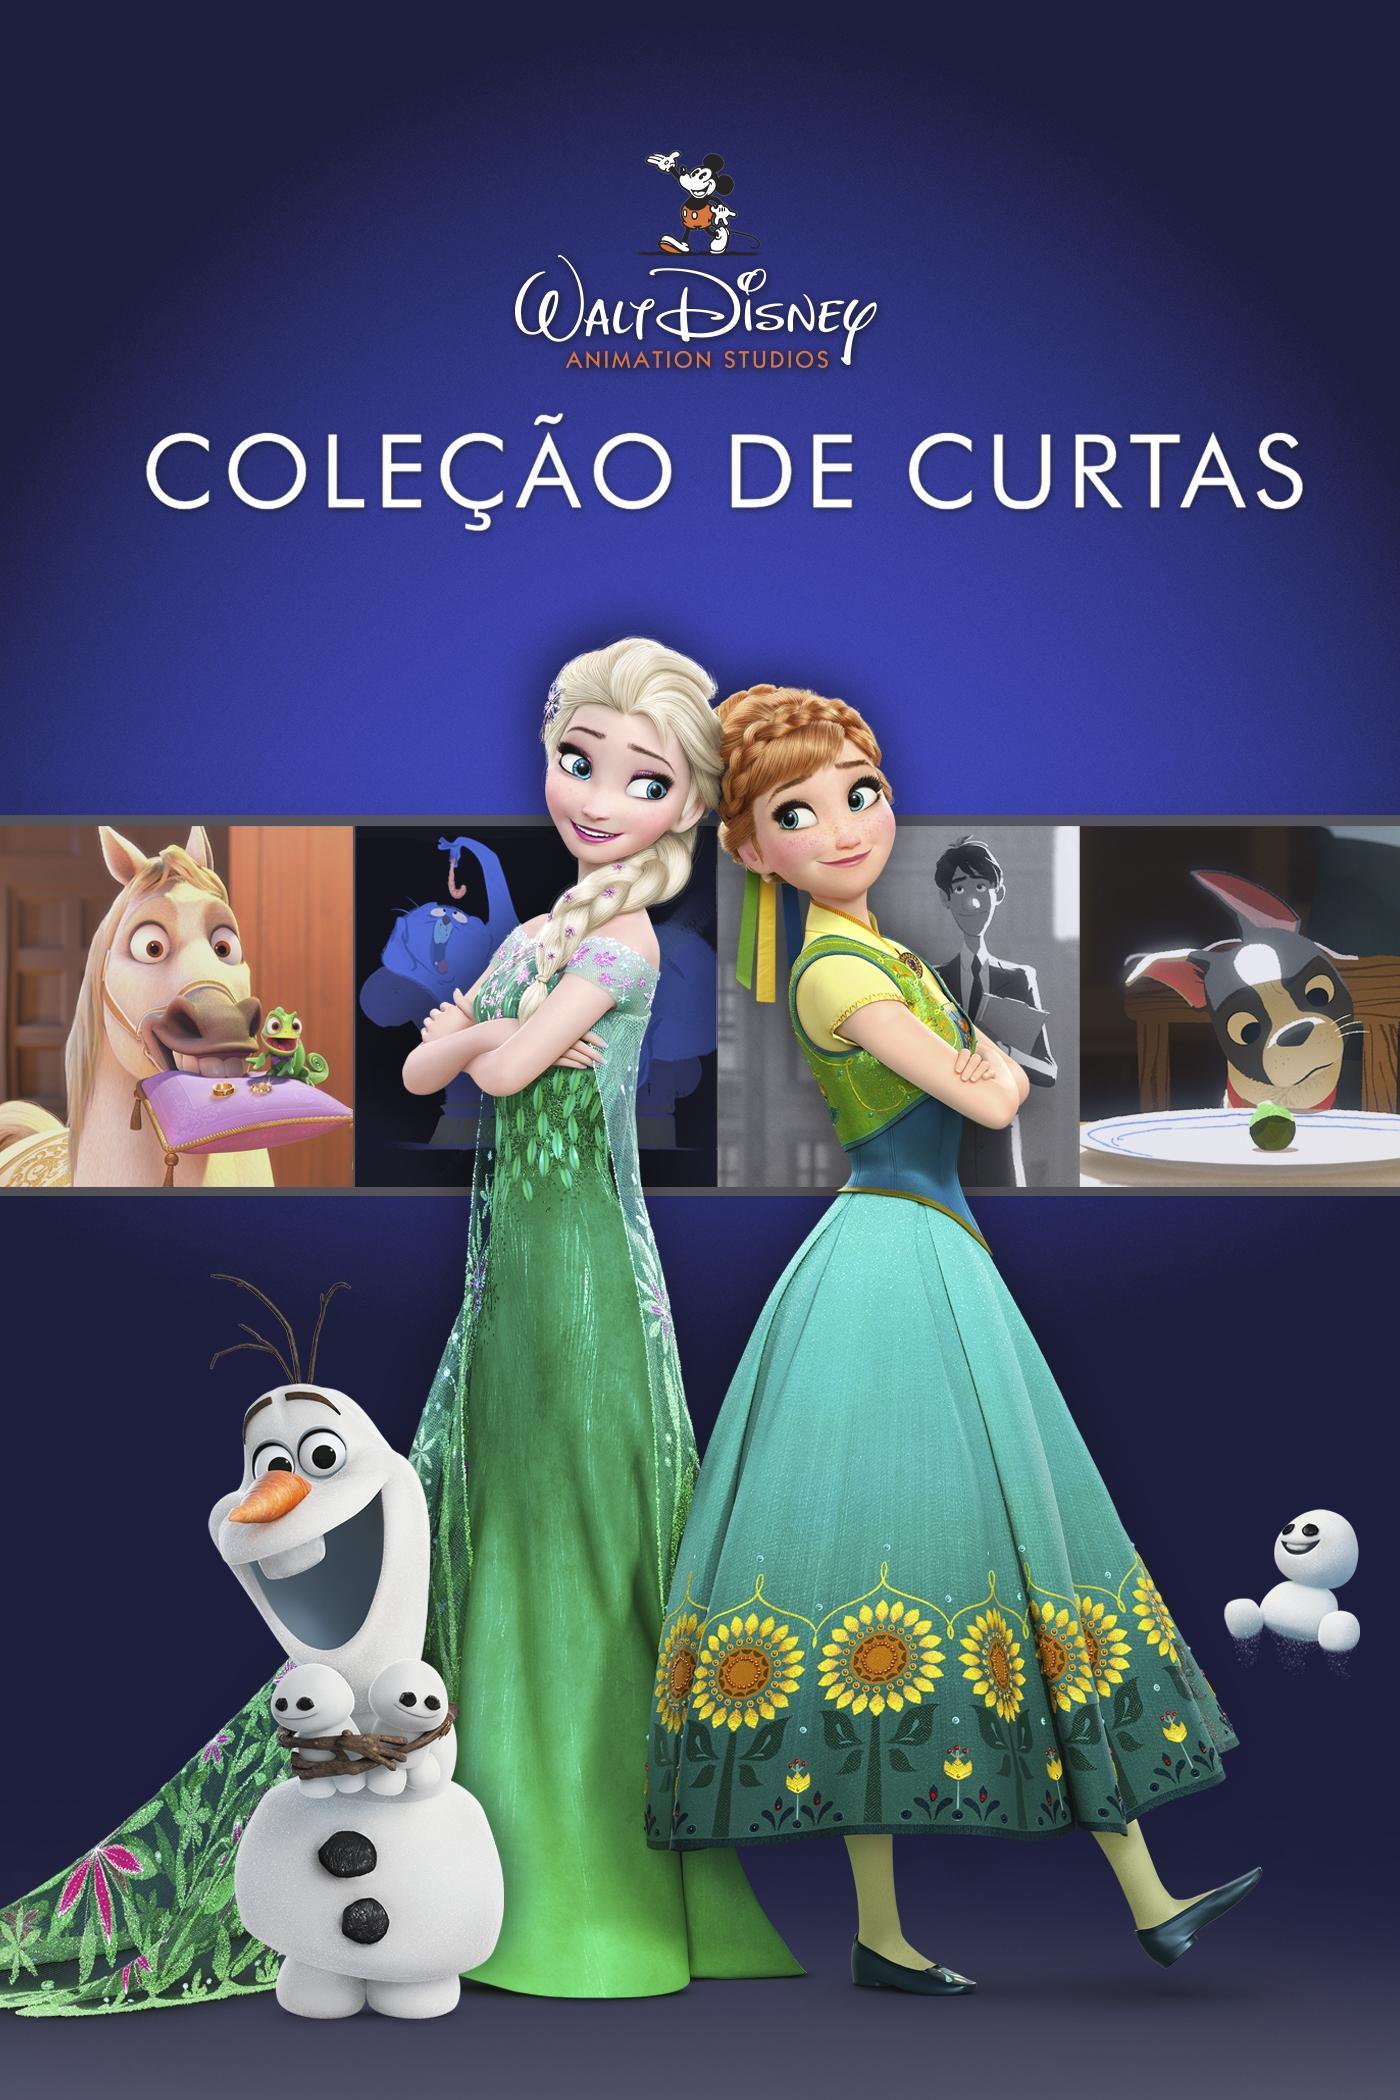 Walt Disney Animation Studios Coleção de Curtas